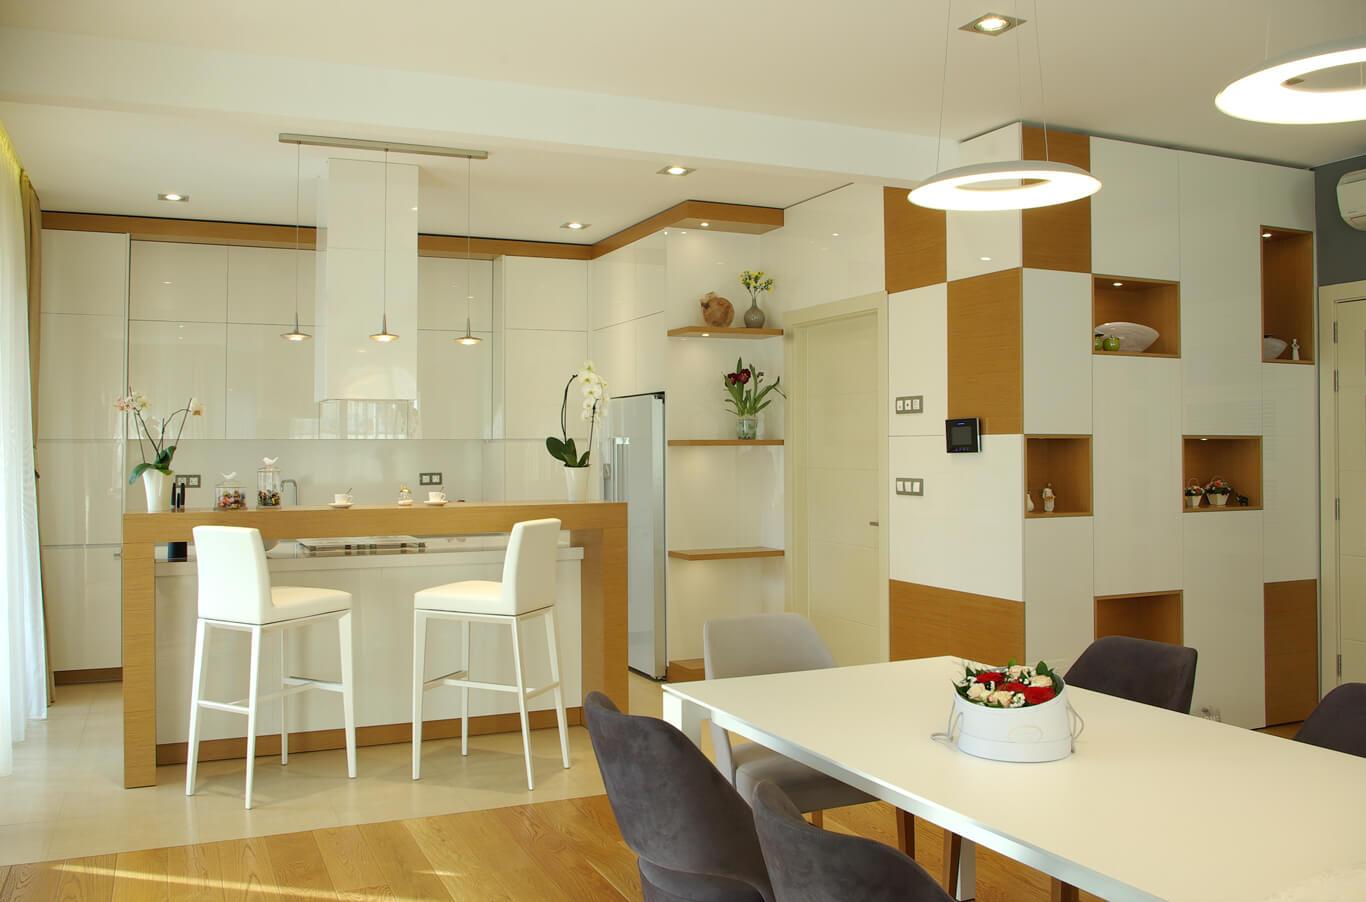 луксозна дизайнерска кухня с високи тавани